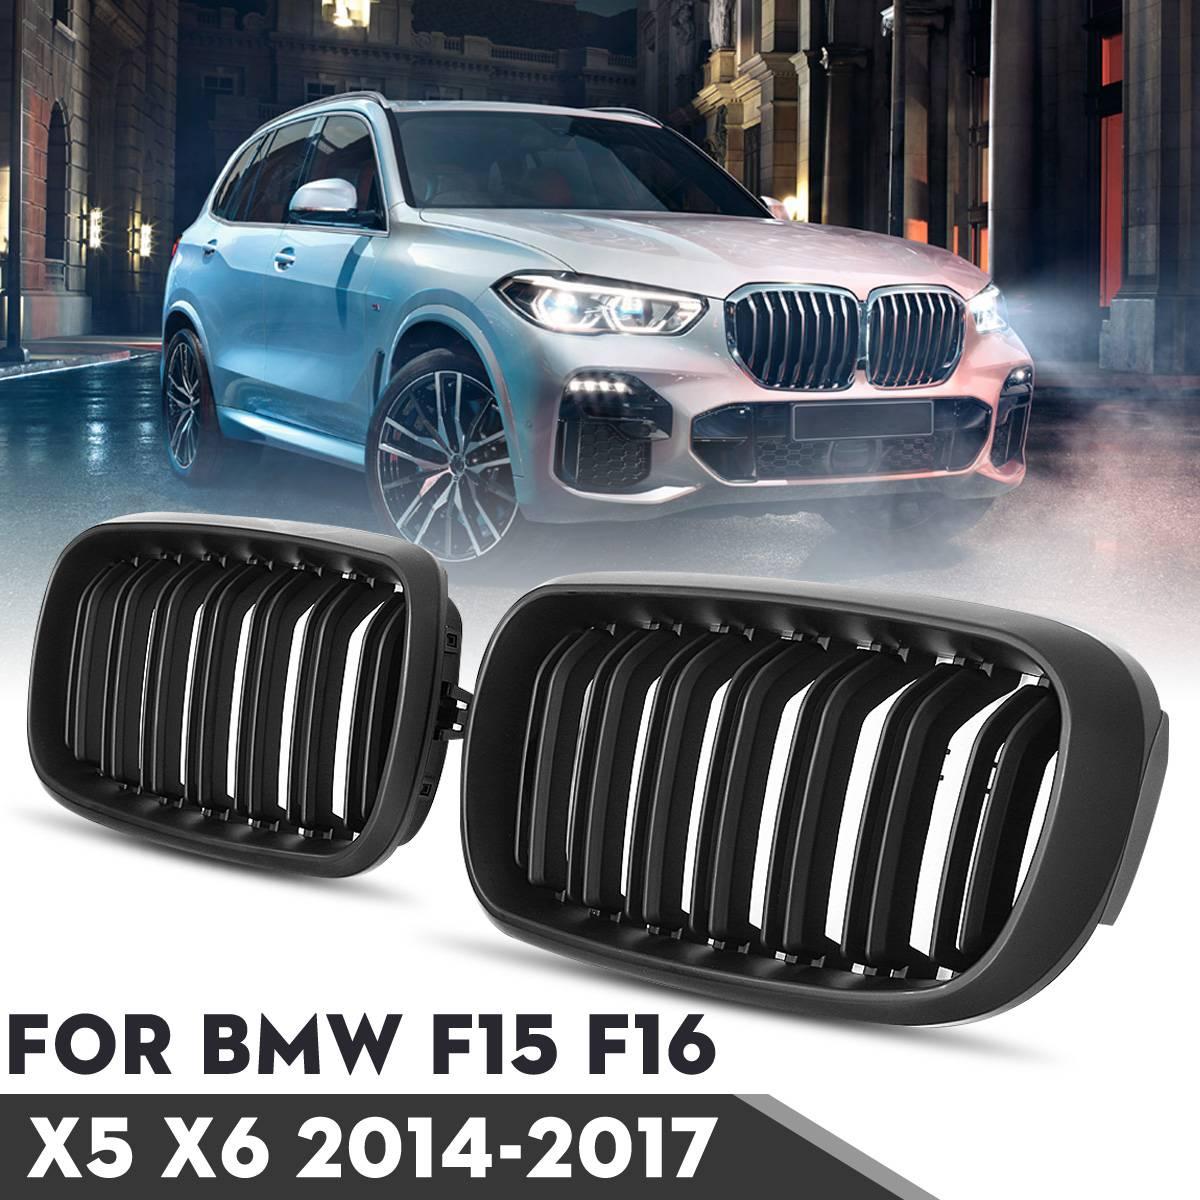 BMW F15 F16 X5 X6 F85 F86 X5M X6M 2014-2017 그릴 용 1 쌍의 자동차 광택/매트 블랙 프론트 범퍼 더블 2 슬랫 키즈 그릴